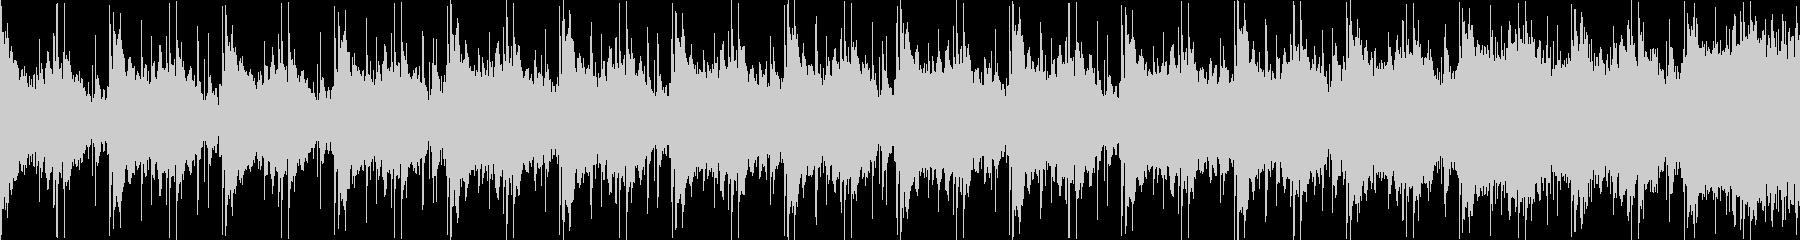 冷たいダンジョンぽい曲 ループバージョンの未再生の波形